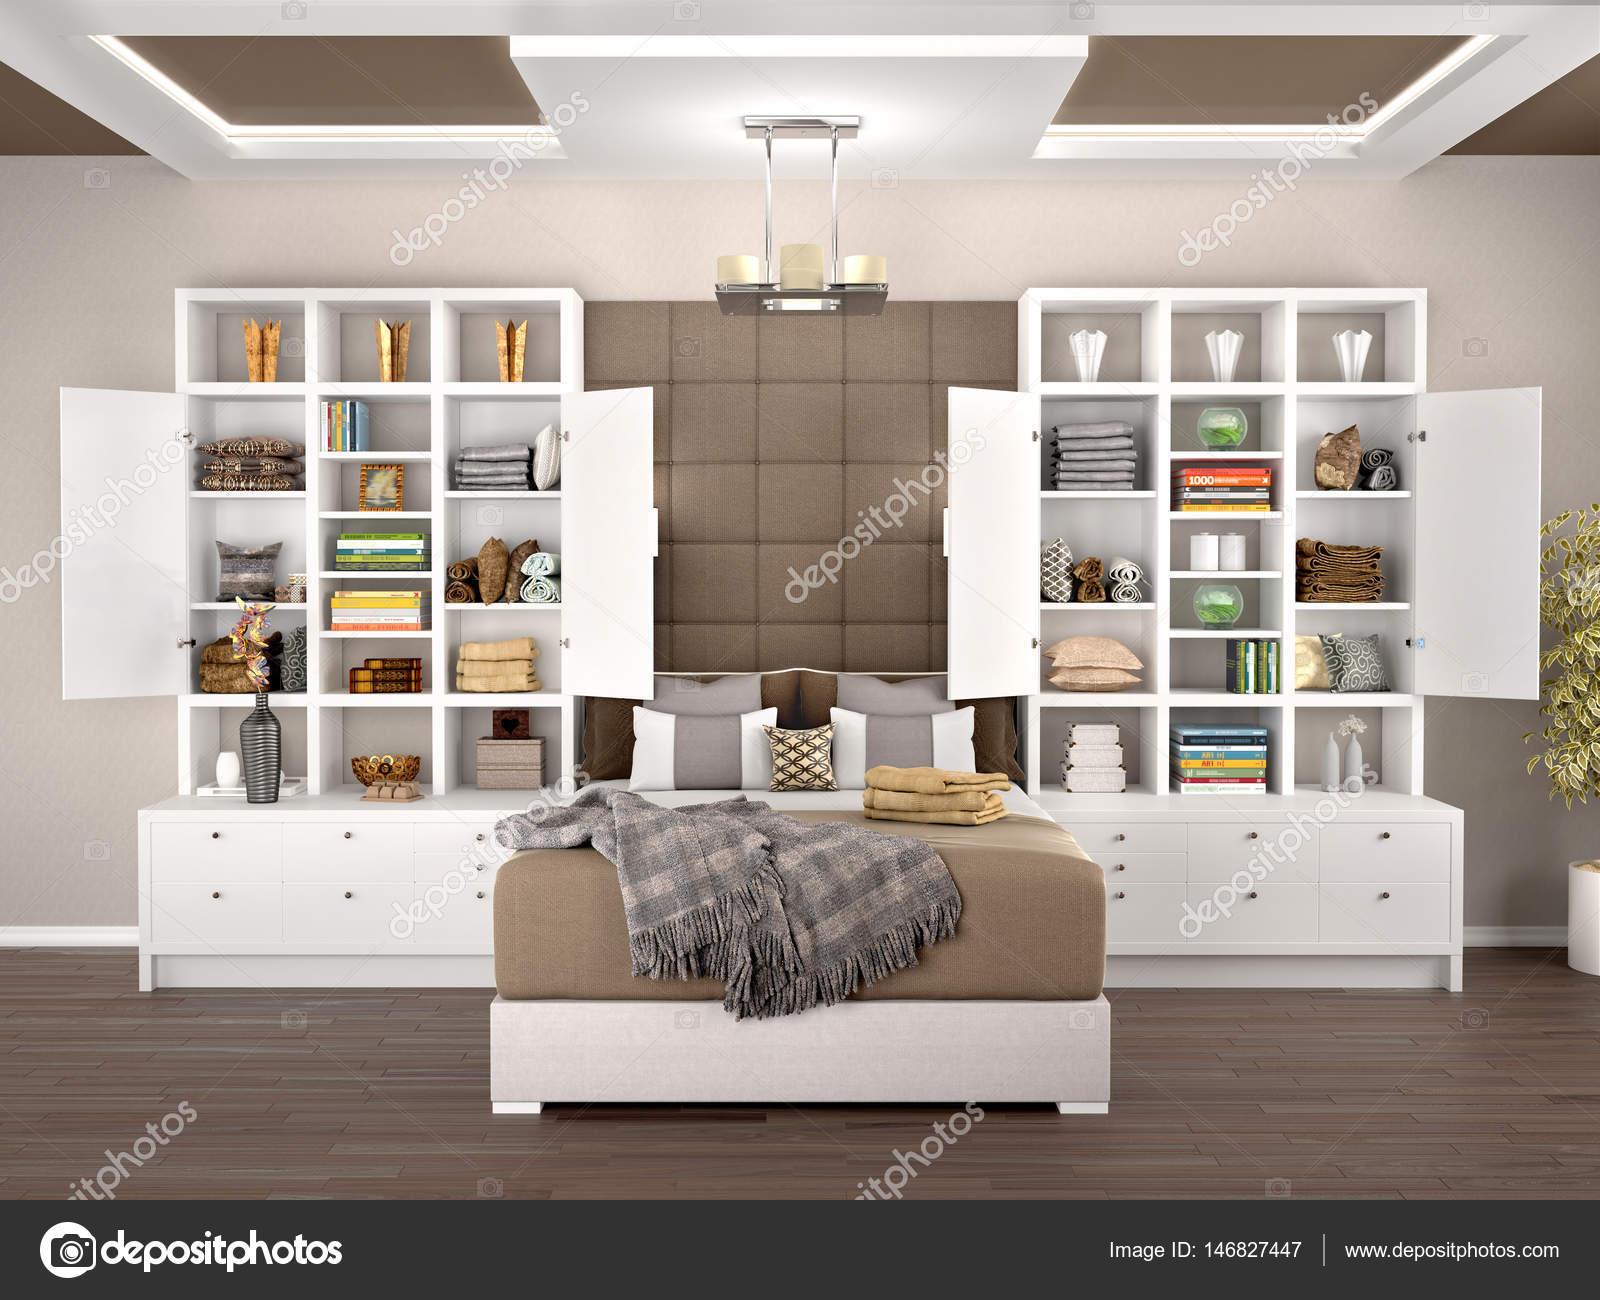 Design Kasten Slaapkamer : Slaapkamer design met open en witte kasten d illustratie